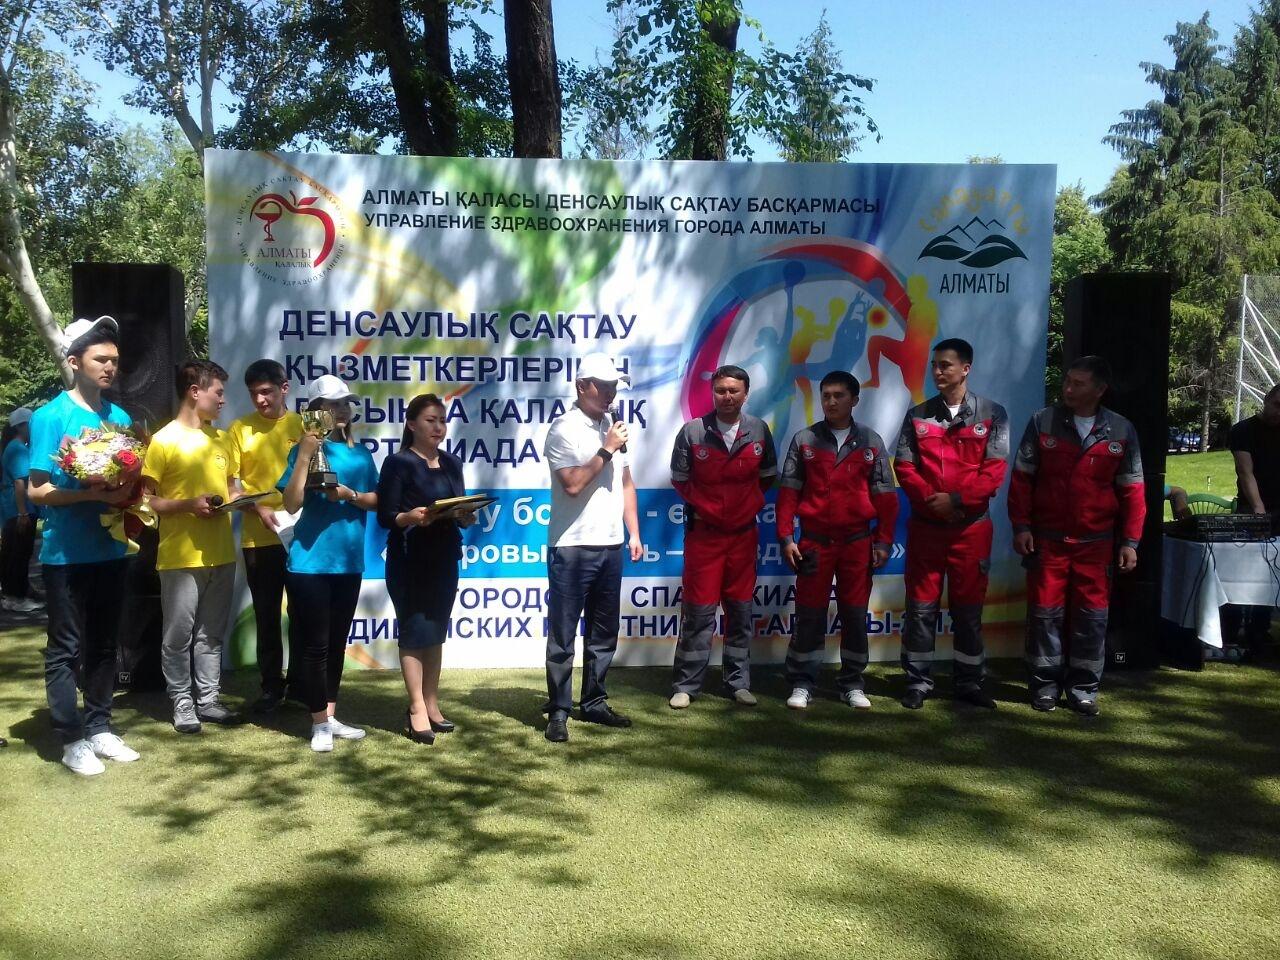 Победители были награждены дипломами и бытовой техникой